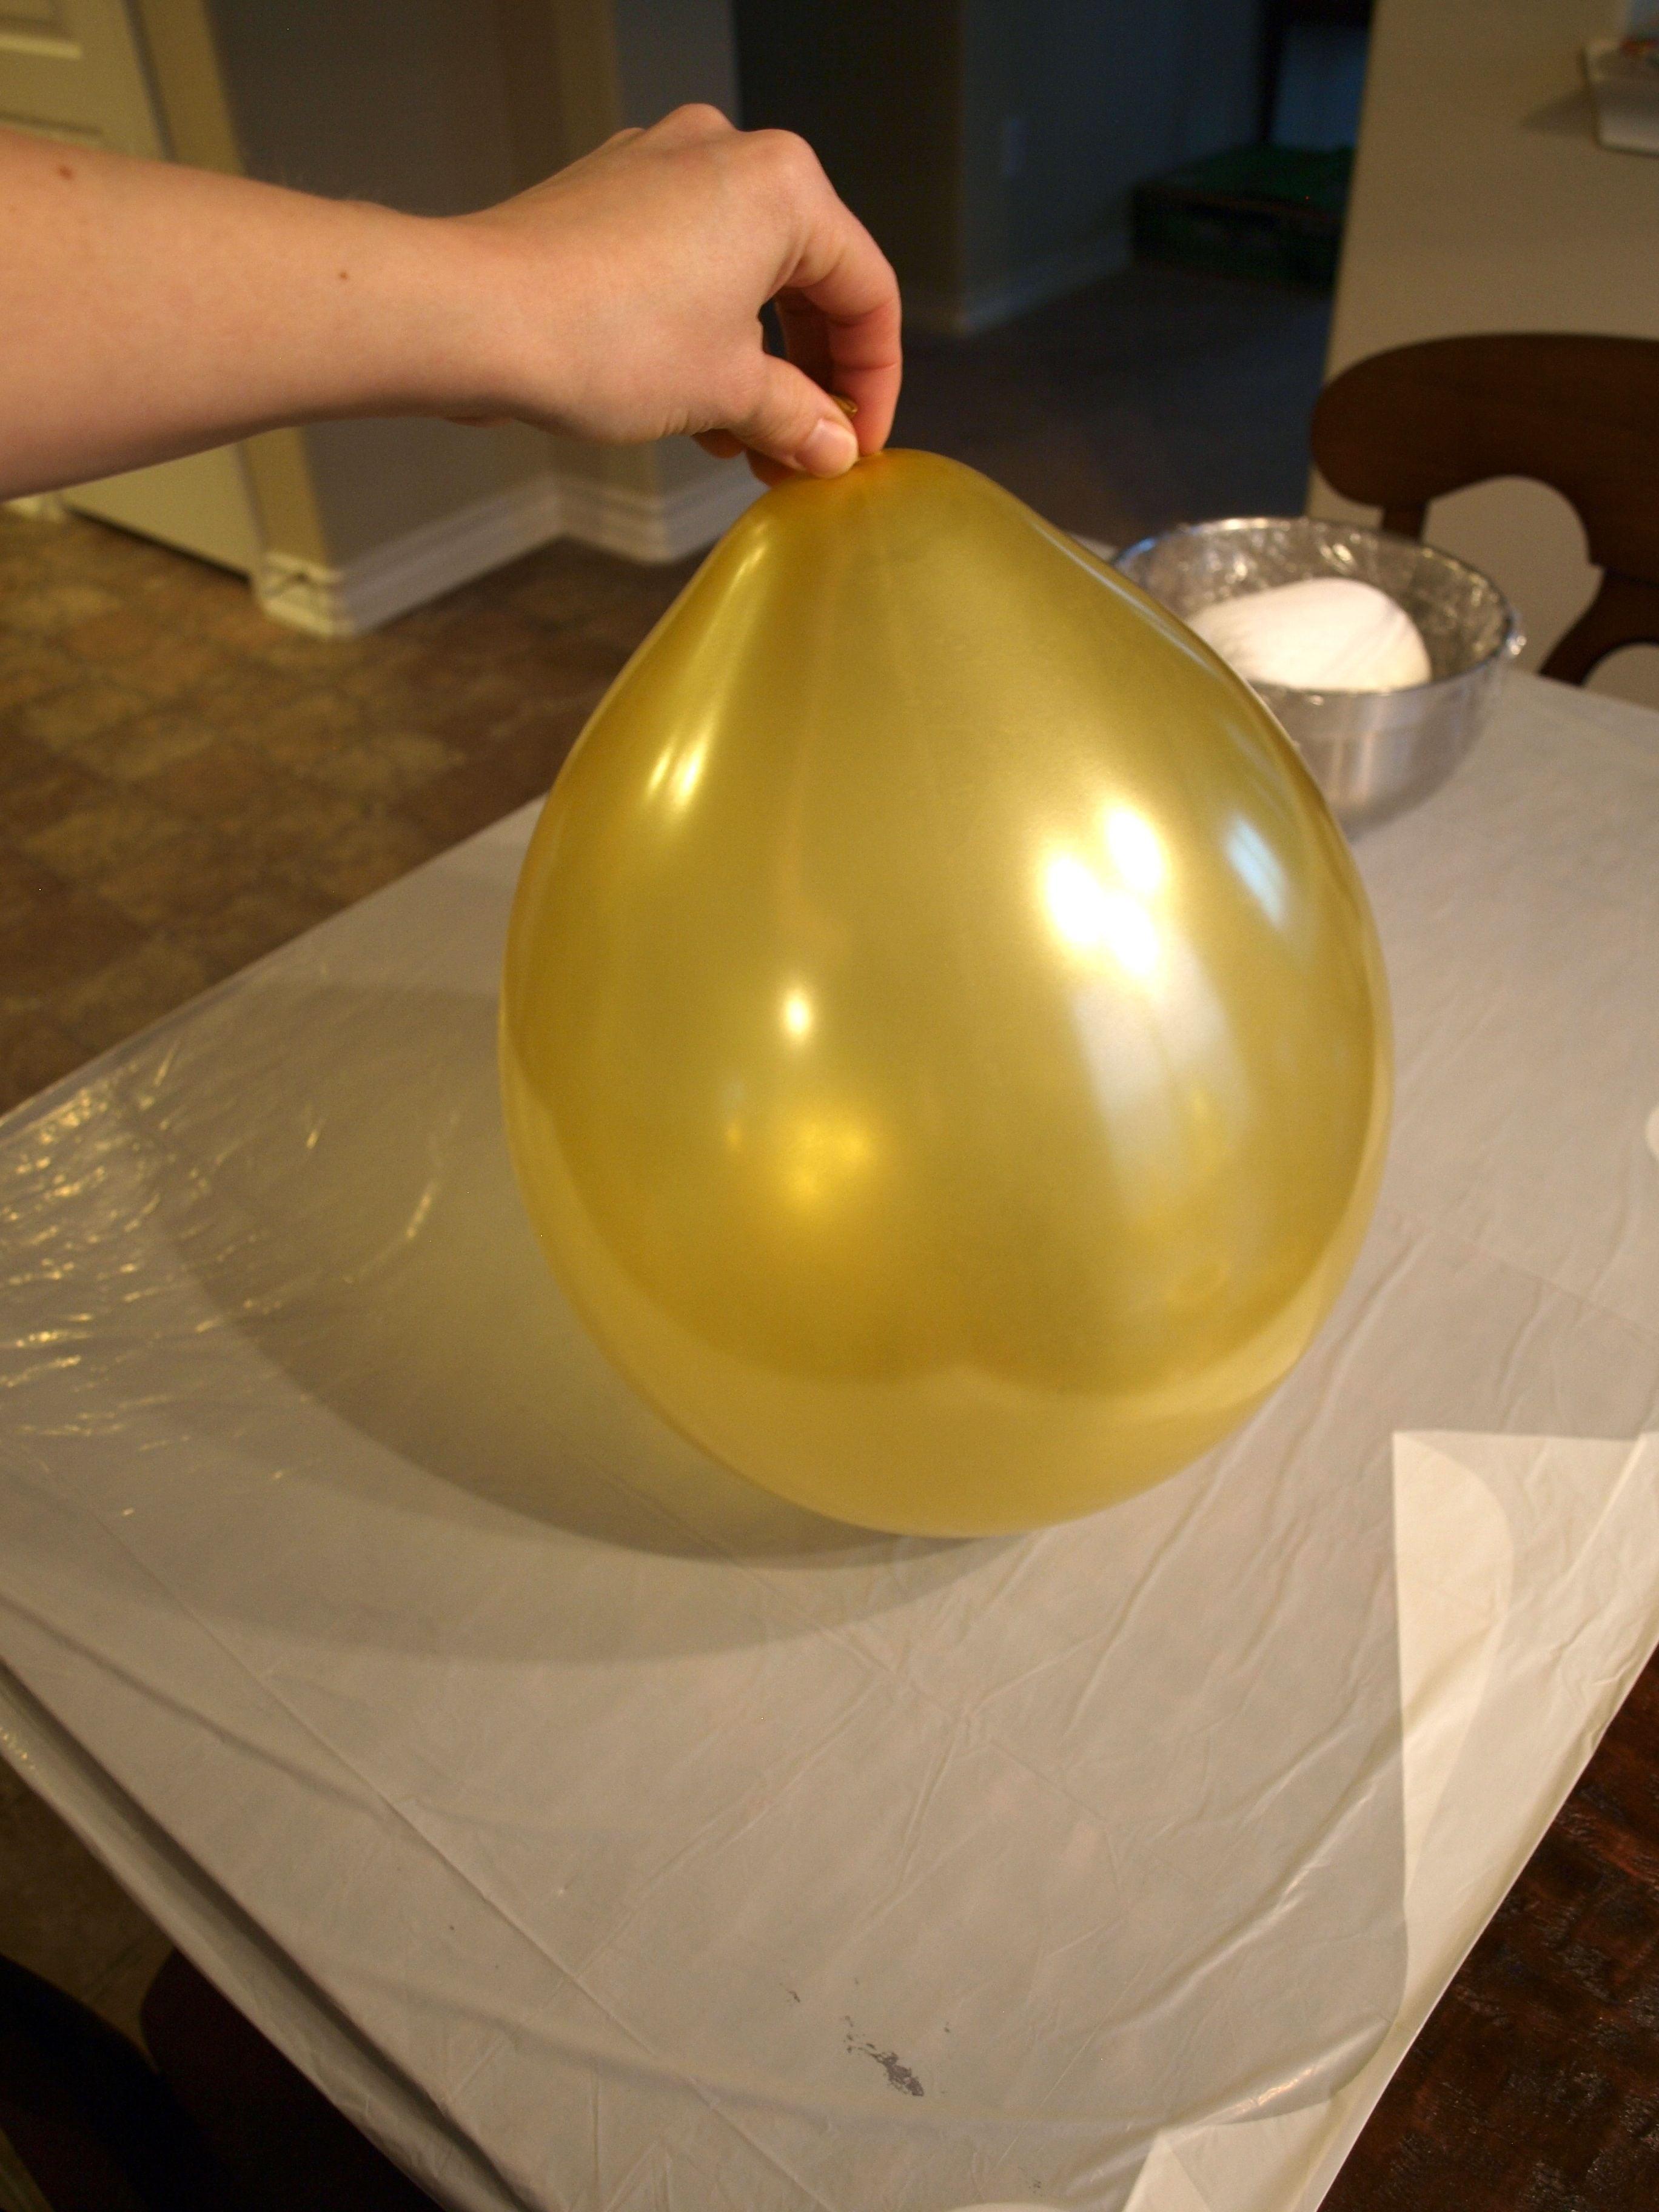 04 ballongen ferdig til å starte liming av tråd, bordet dekket av plast